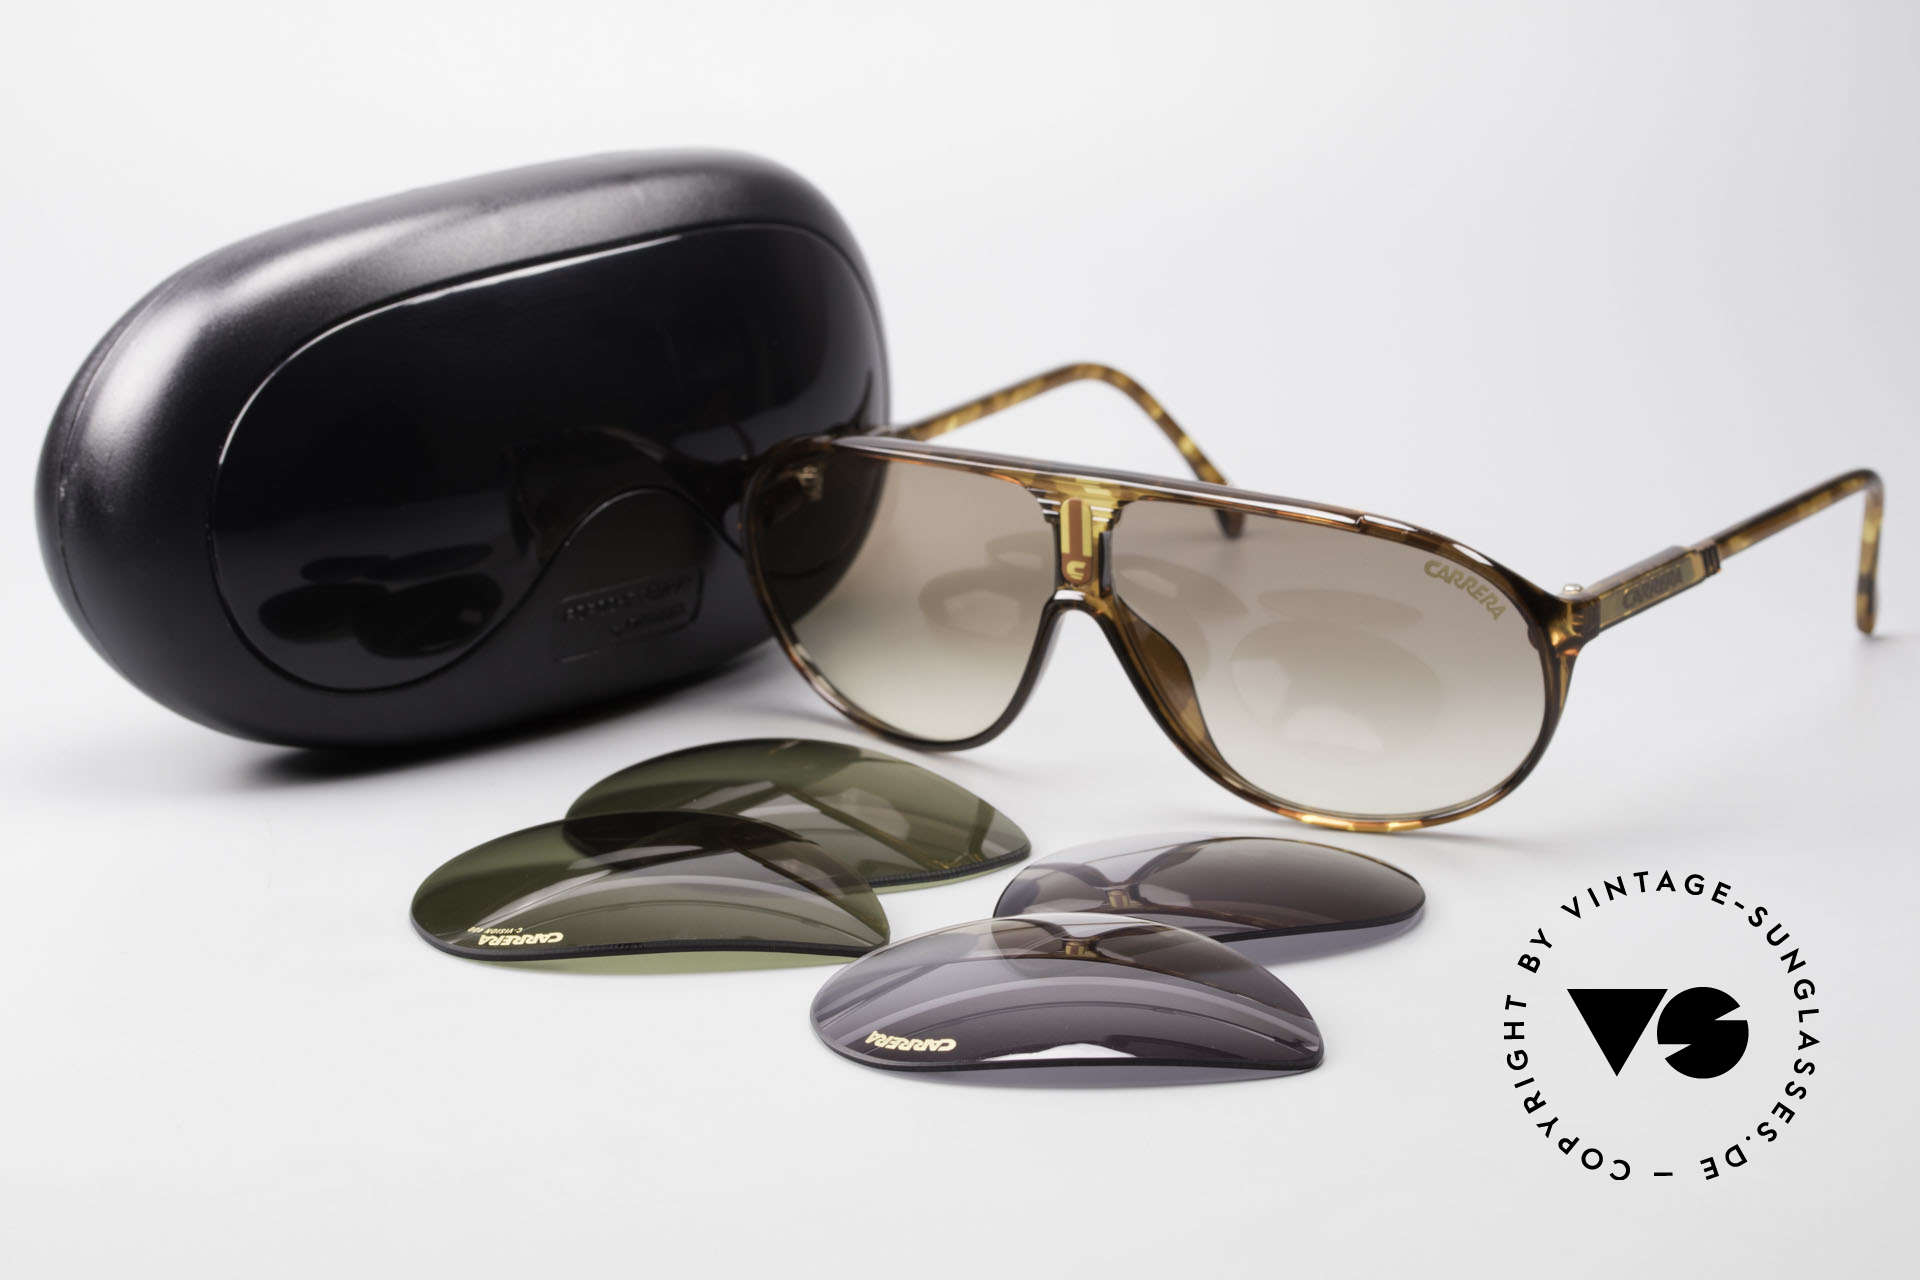 Carrera 5412 Optyl Sonnenbrille 80er Sport, KEINE Retrobrille; ein mind. 30 Jahres altes ORIGINAL!, Passend für Herren und Damen